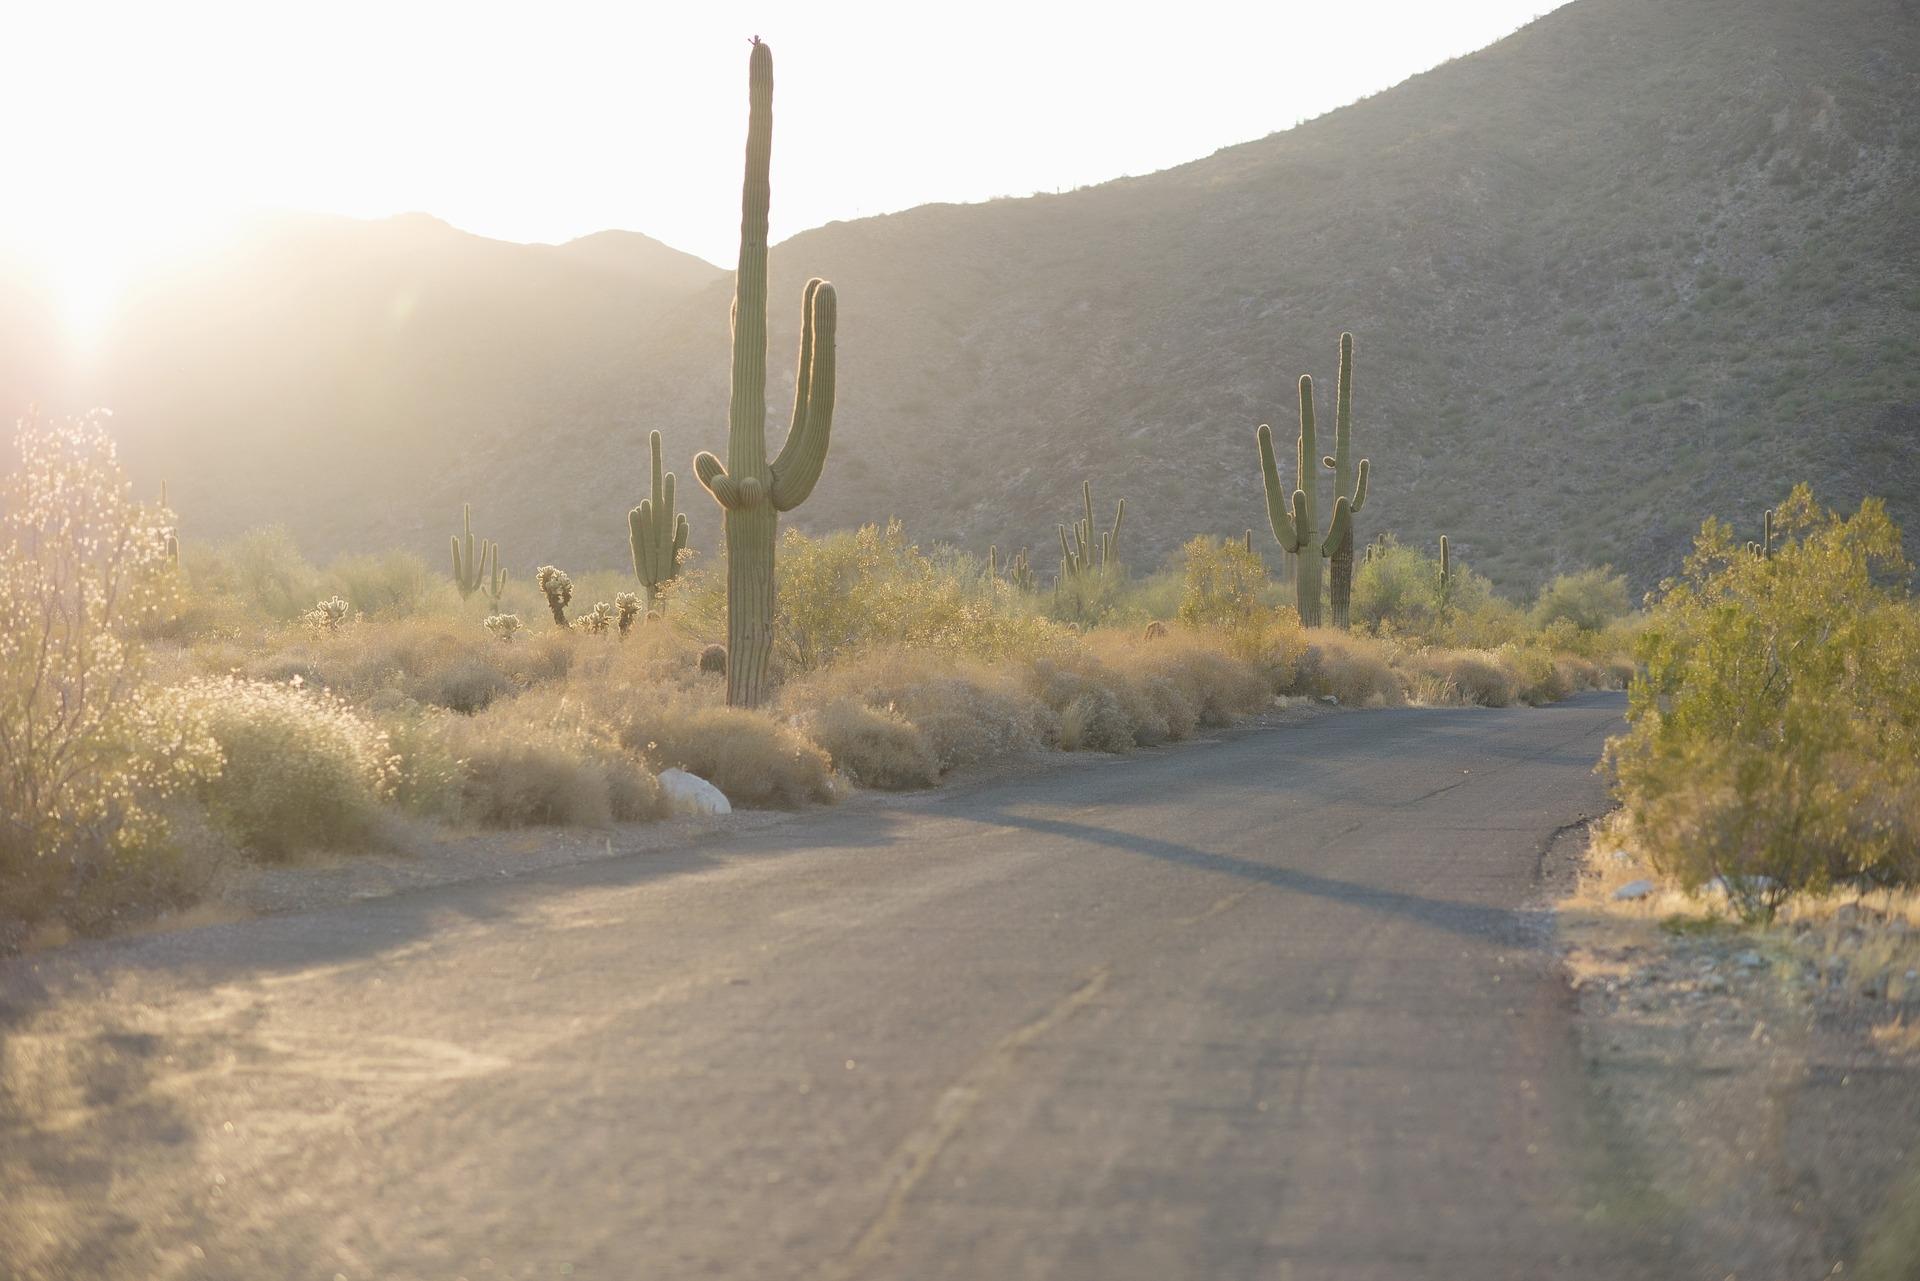 desert-2723961_1920.jpg